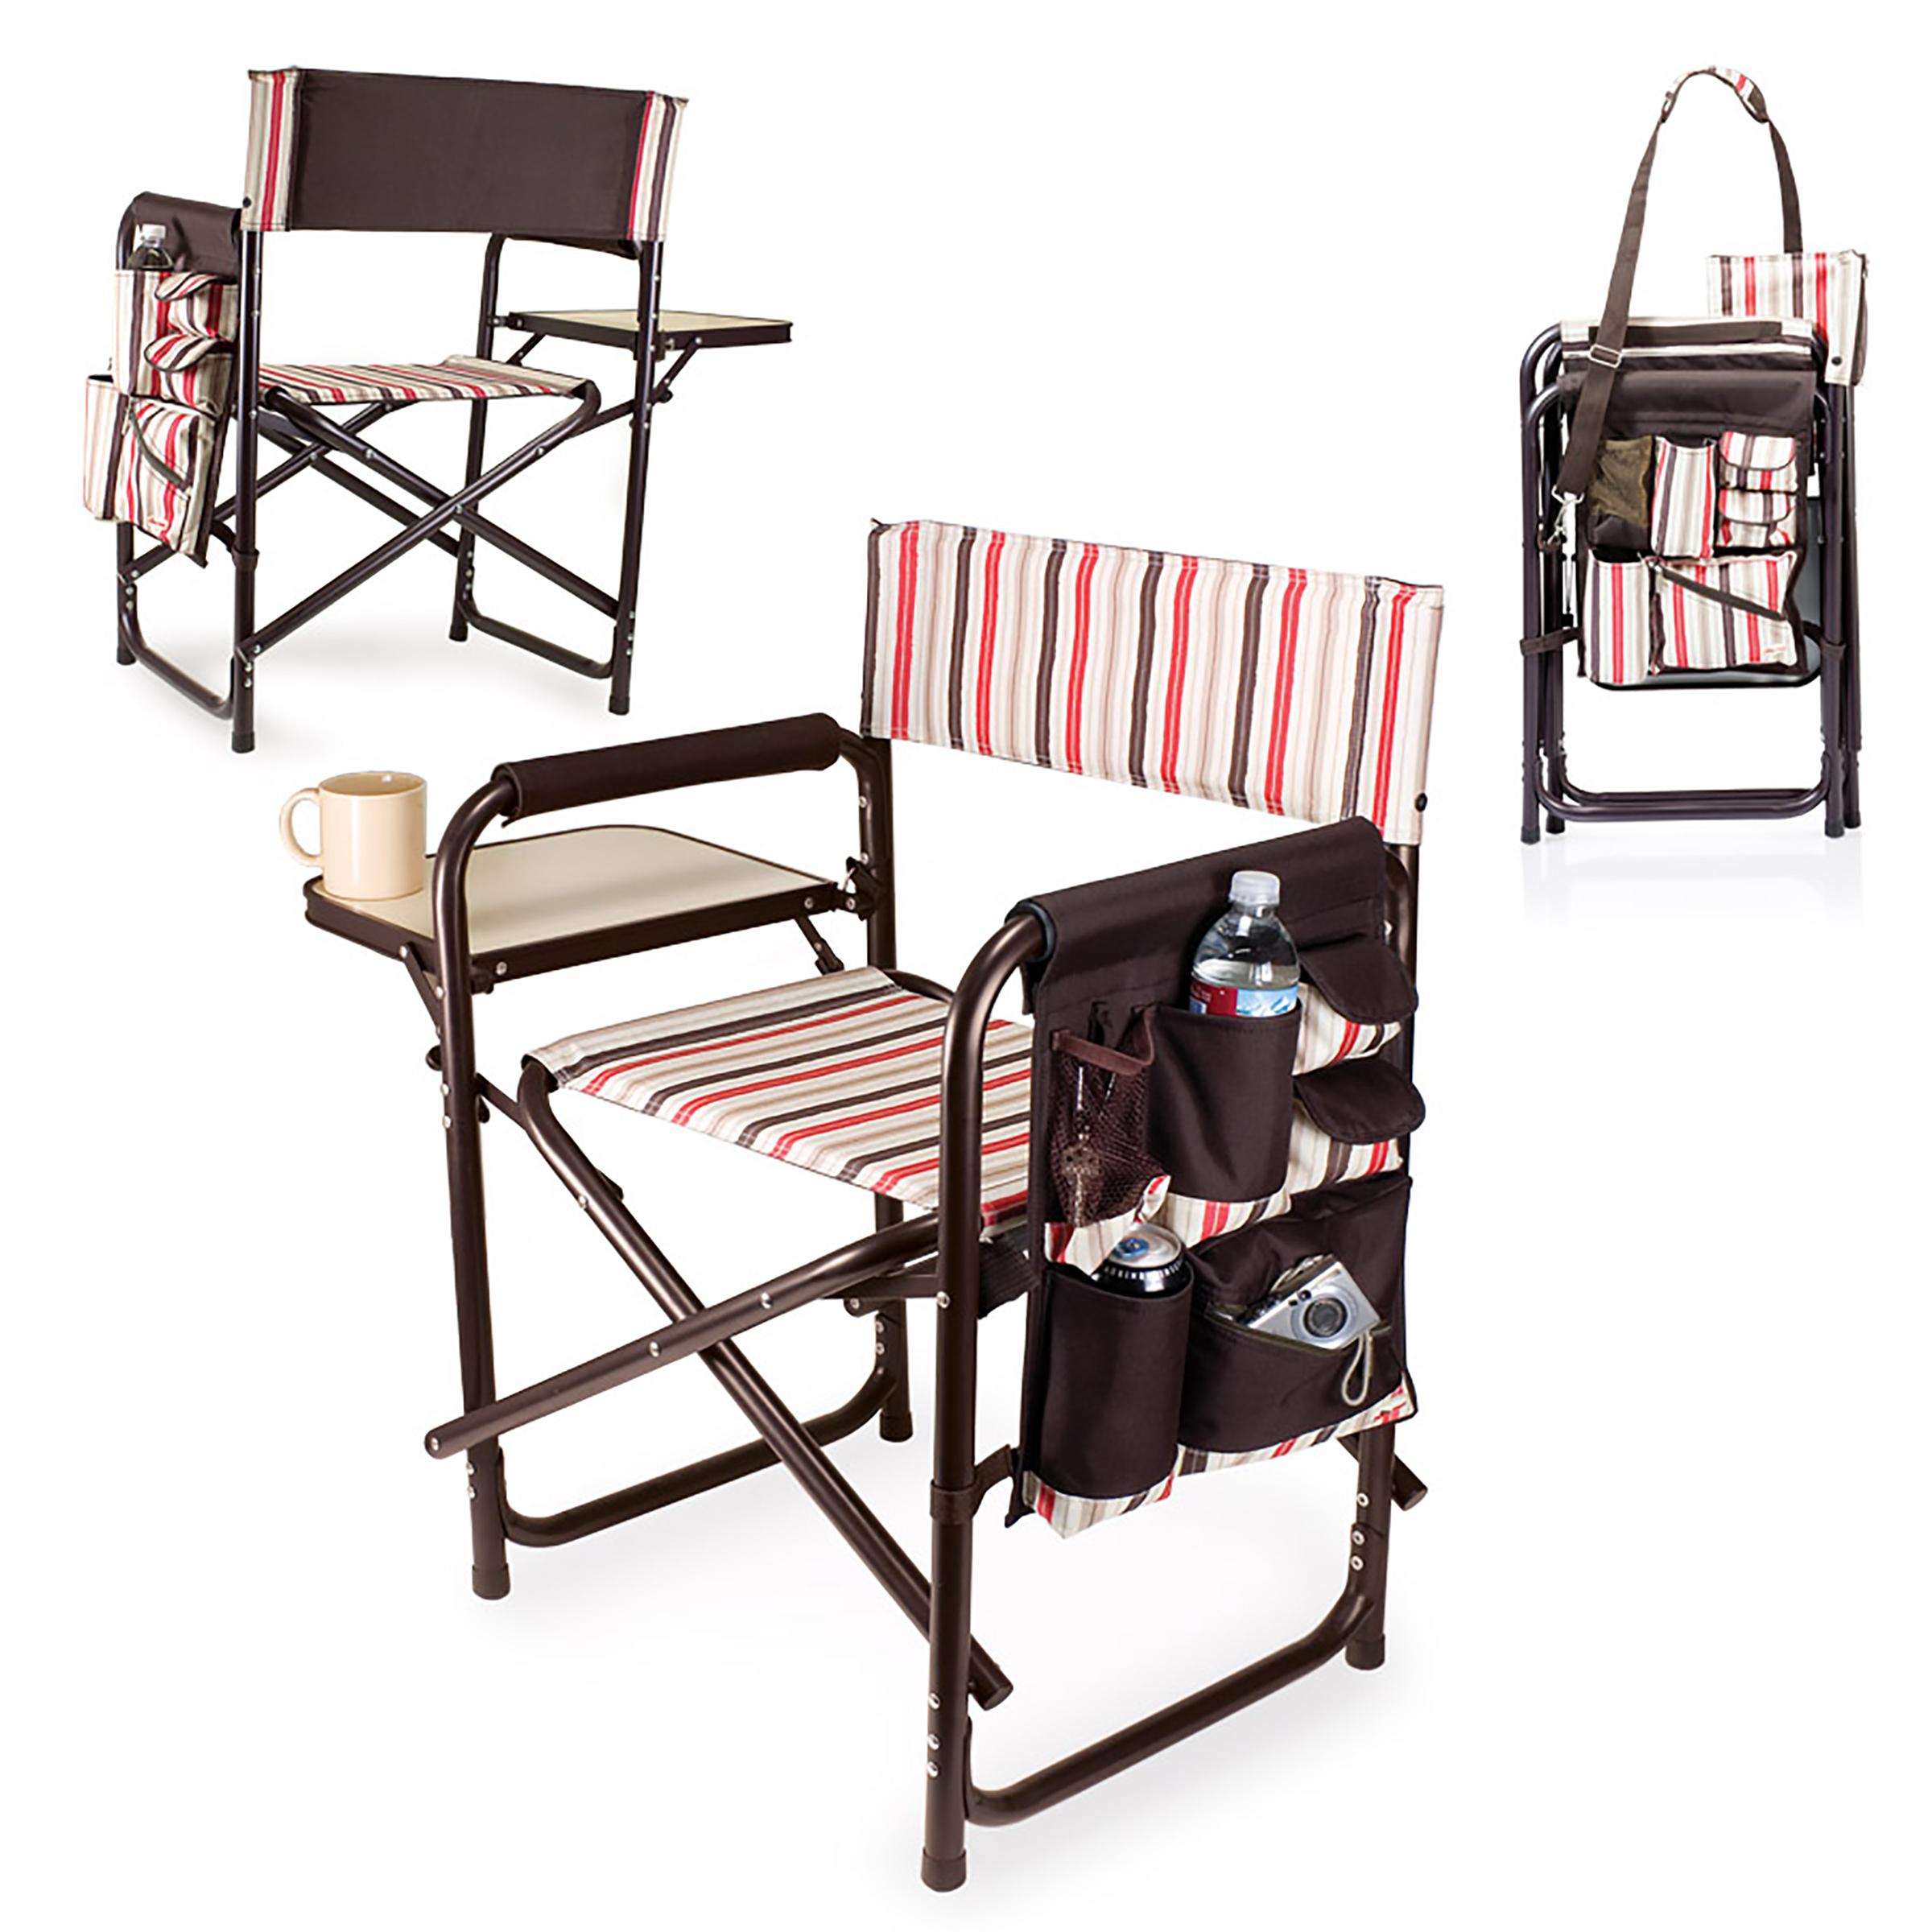 Picnic Time Sports Chair Moka